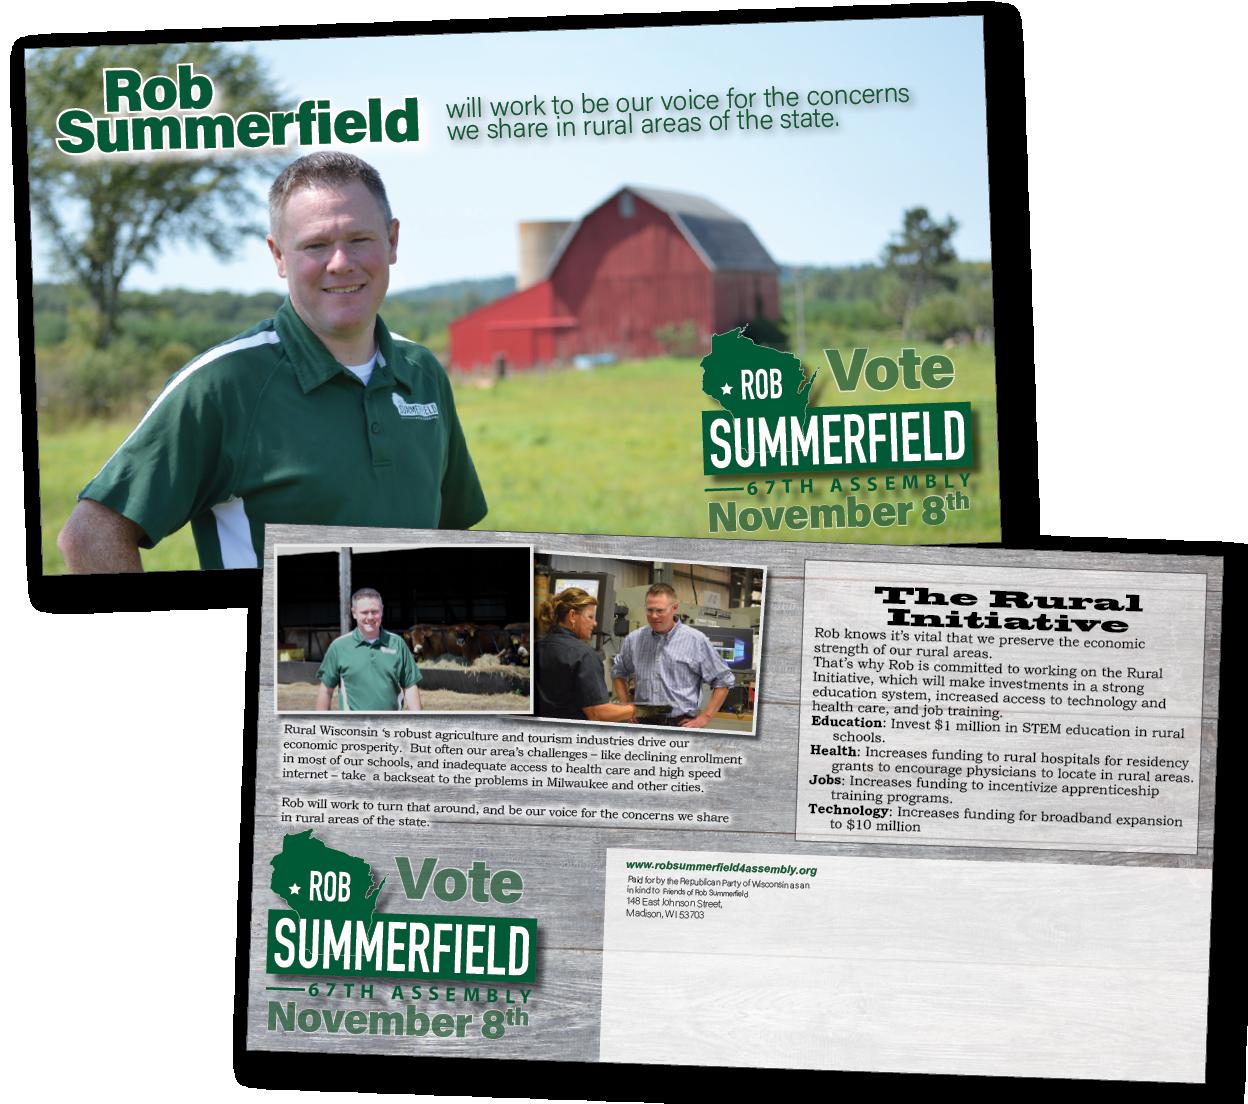 Summerfield Rural